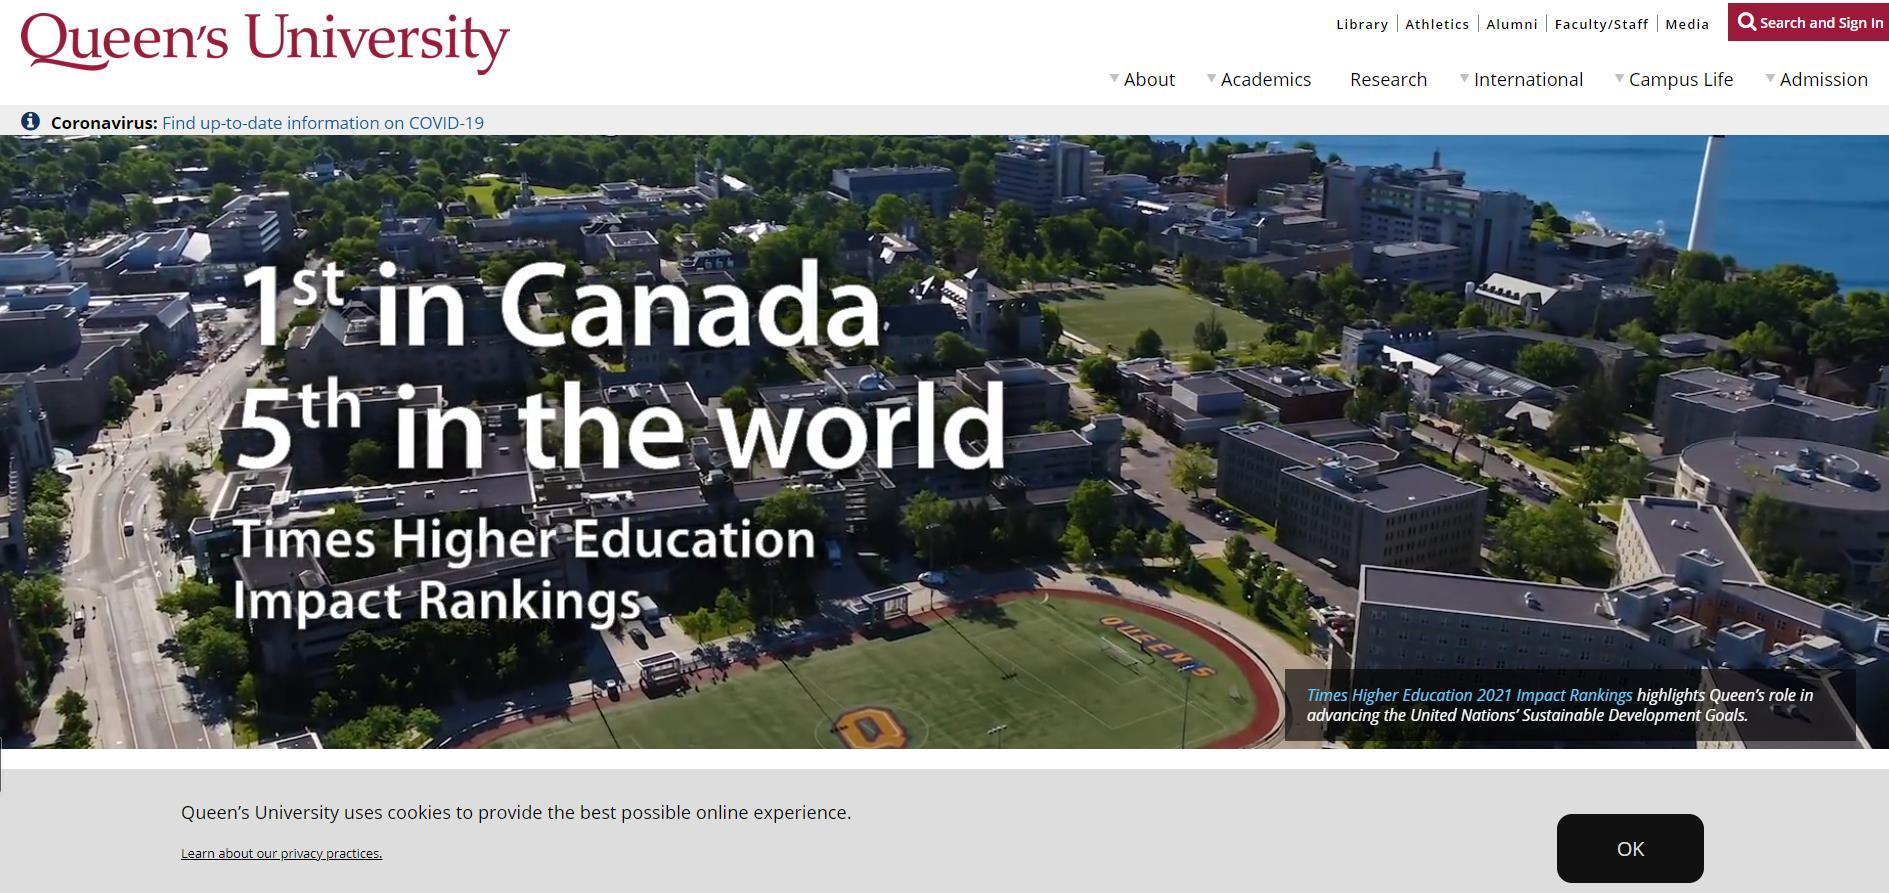 皇后大学官网 加拿大顶尖公立大学